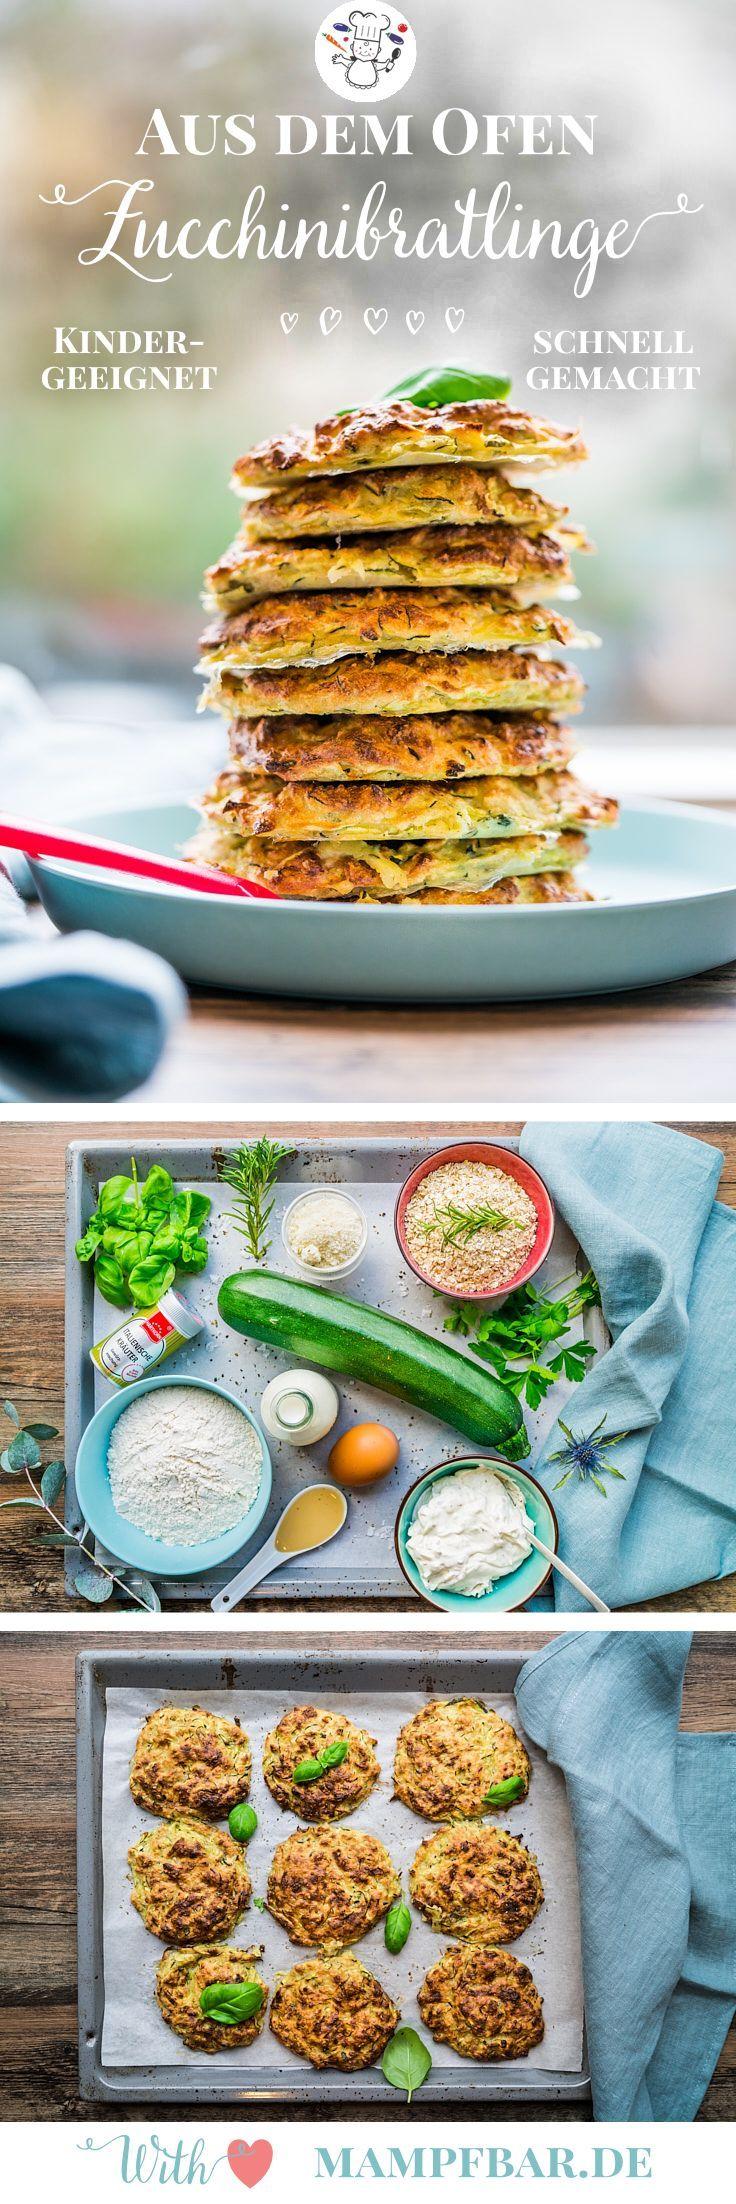 Schnelle Zucchini Bratlinge Aus Dem Ofen Frühlingsfreude Rezept